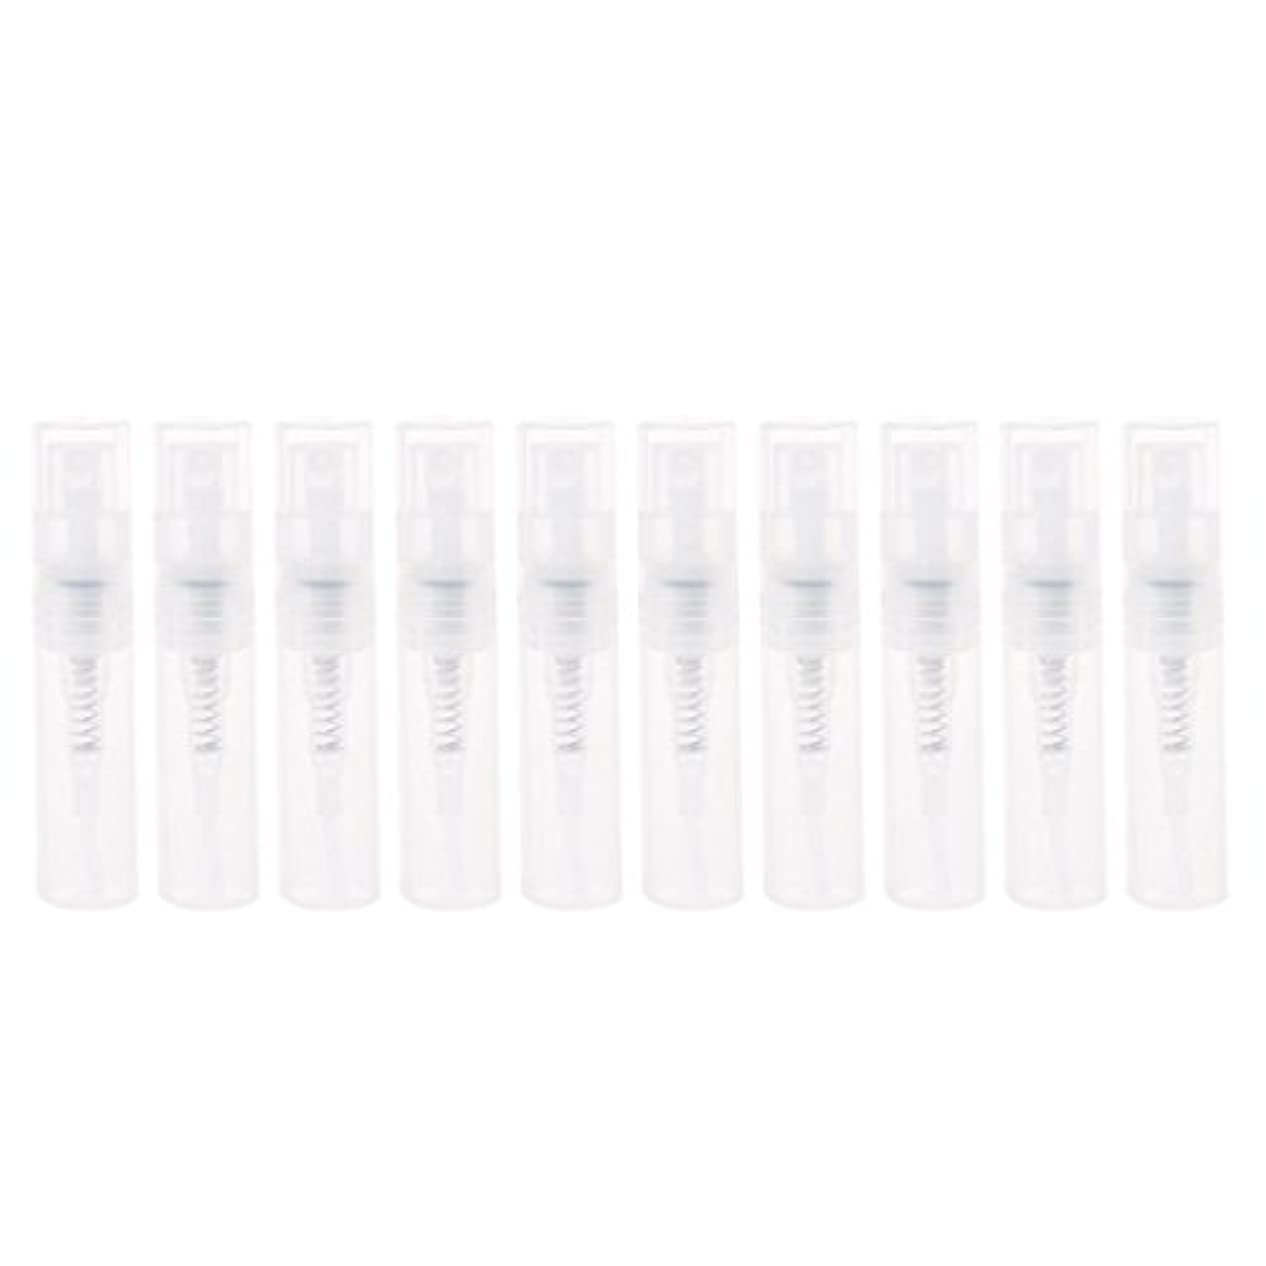 ホステス実験室昼寝Dabixx 2ml小さいプラスチック香水スプレーの空のびんの化粧品の容器のスプレーボトル